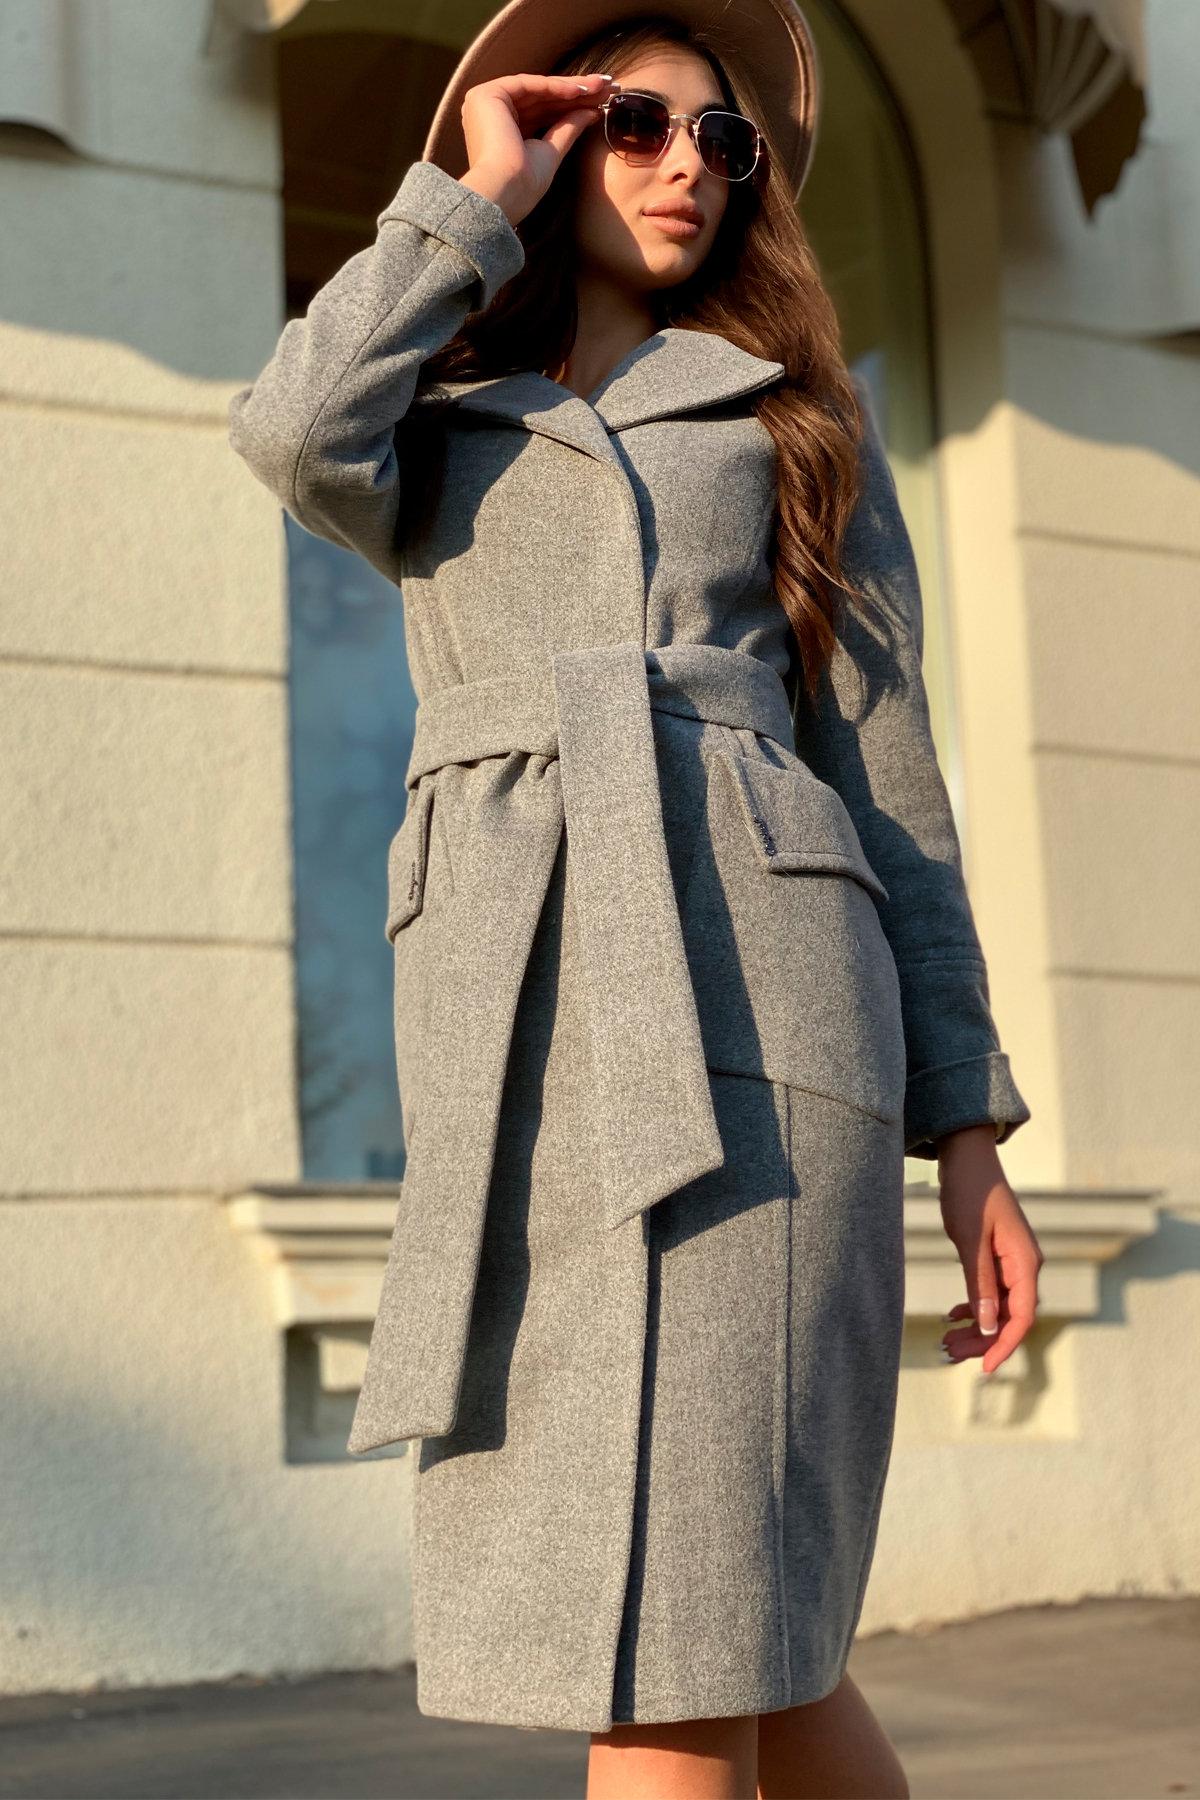 Зимнее пальто с мехом Стейси 5647 АРТ. 37855 Цвет: Серый 18 - фото 4, интернет магазин tm-modus.ru